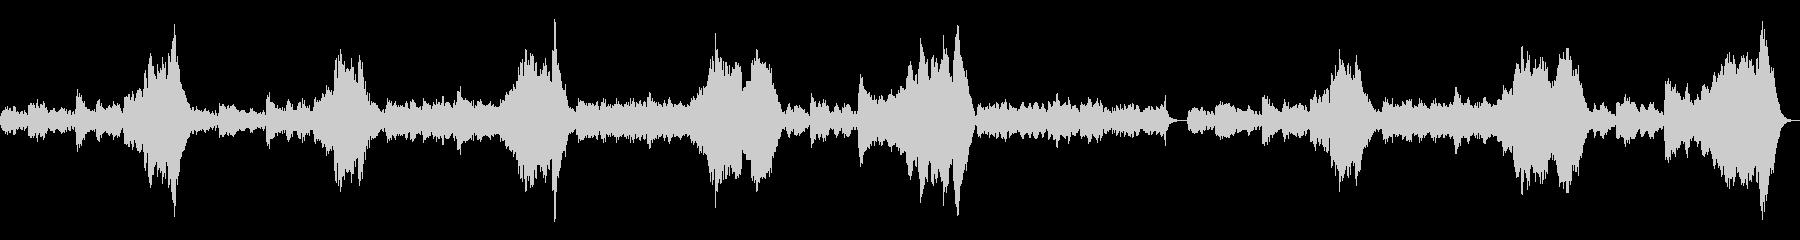 「シシリア風」弦楽四重奏の未再生の波形